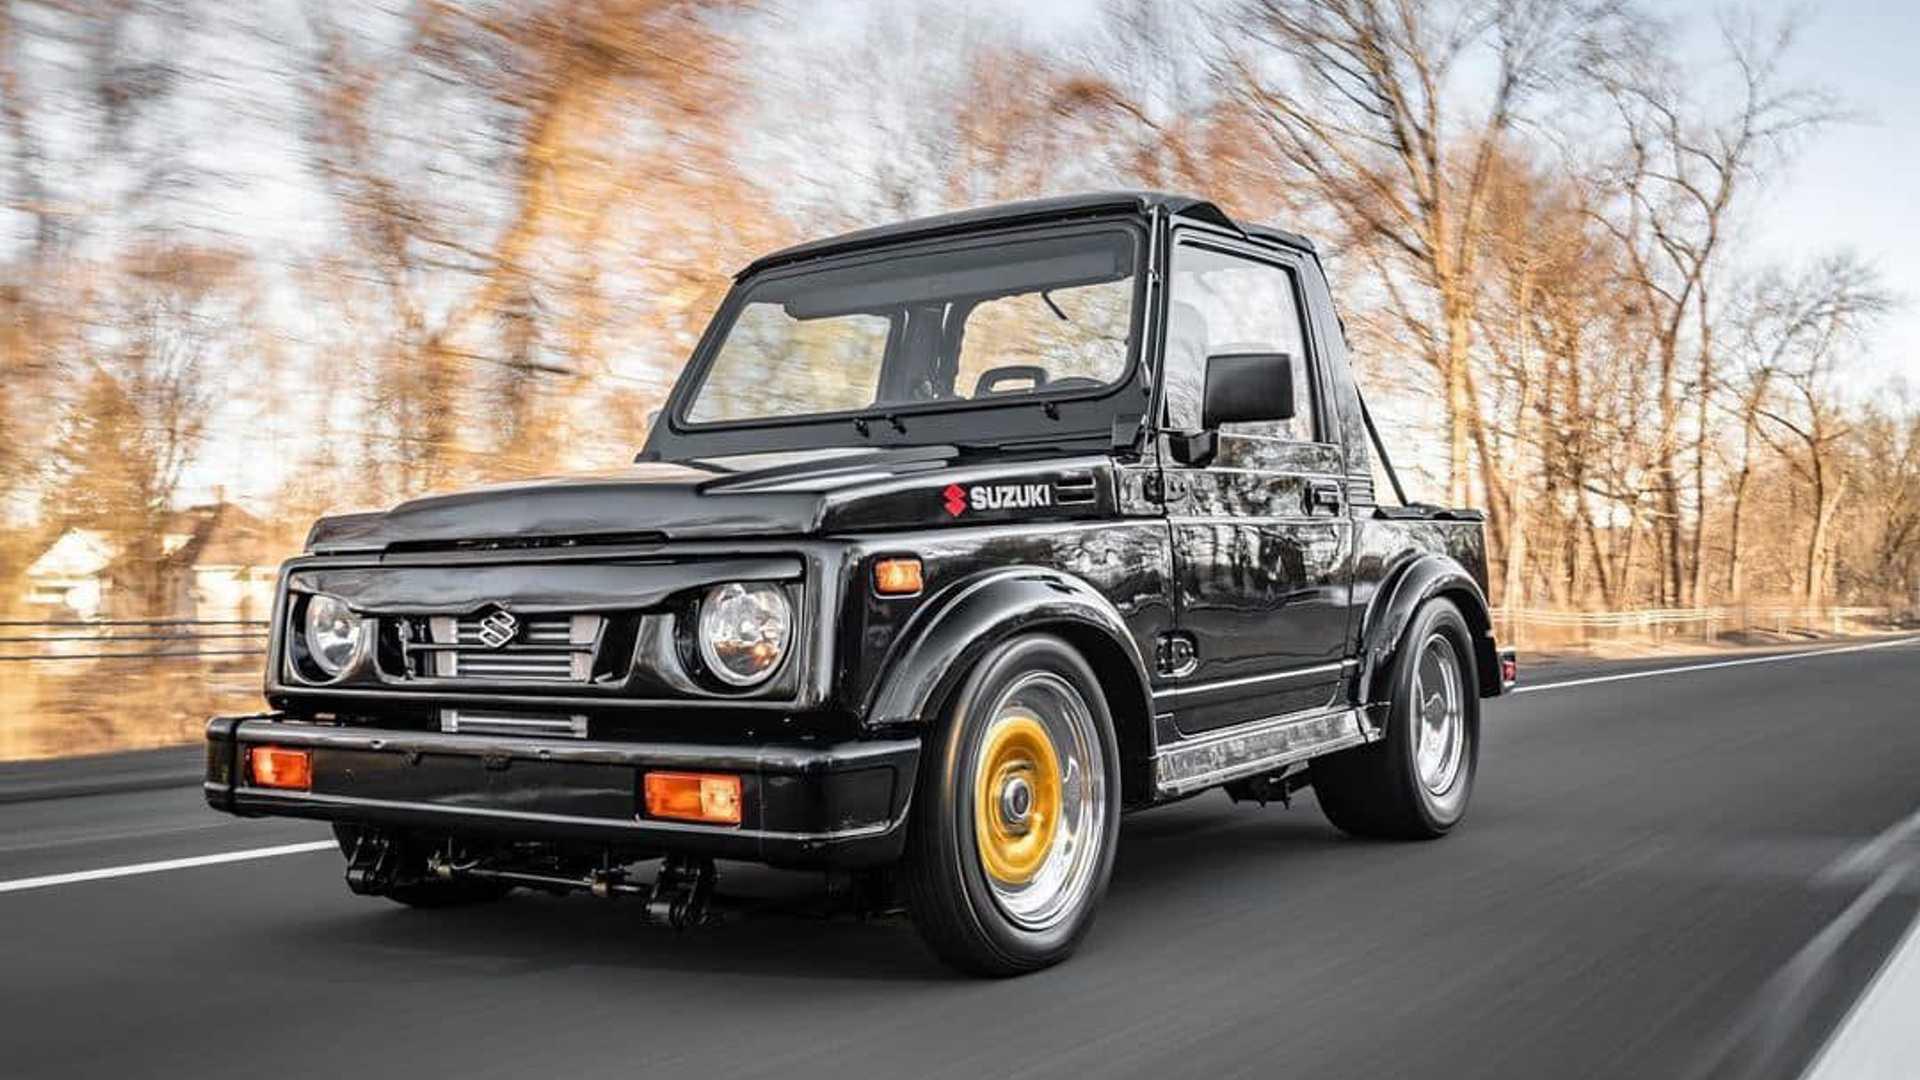 La Suzuki Samurai impressiona col motore rotativo da oltre 400 CV